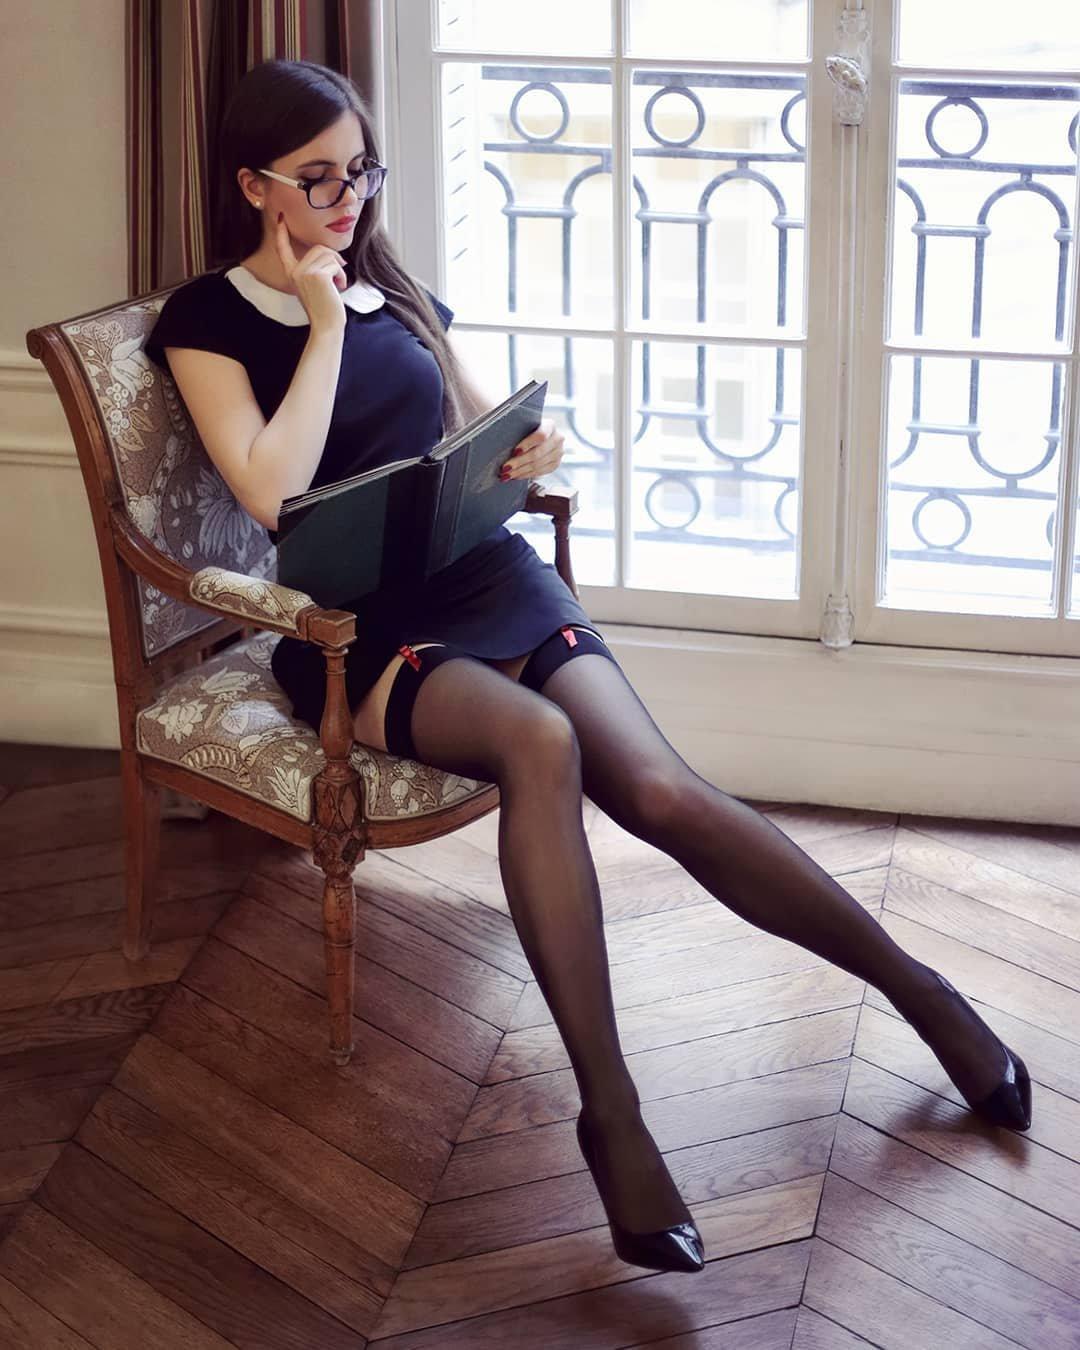 Красивые девушки показали ножки в чулочках (40 фото) 37